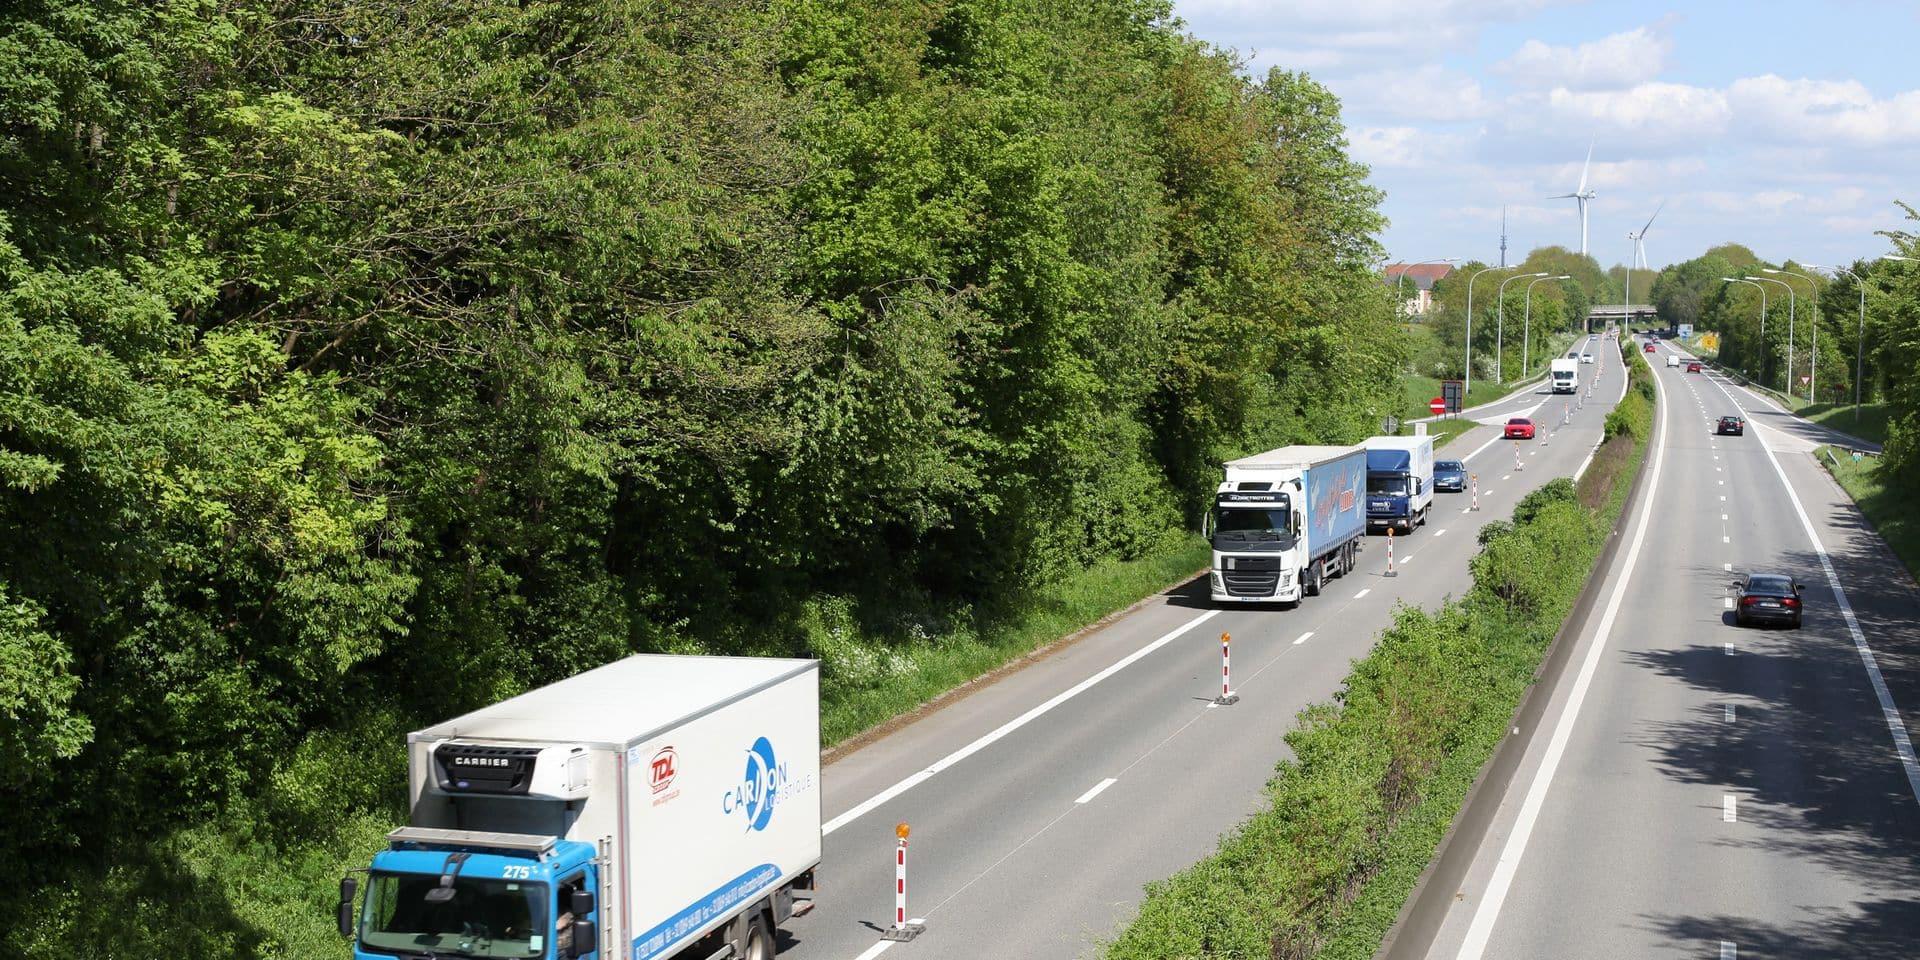 Une conductrice fantôme percute un camion sur l'A8 à hauteur de Tournai